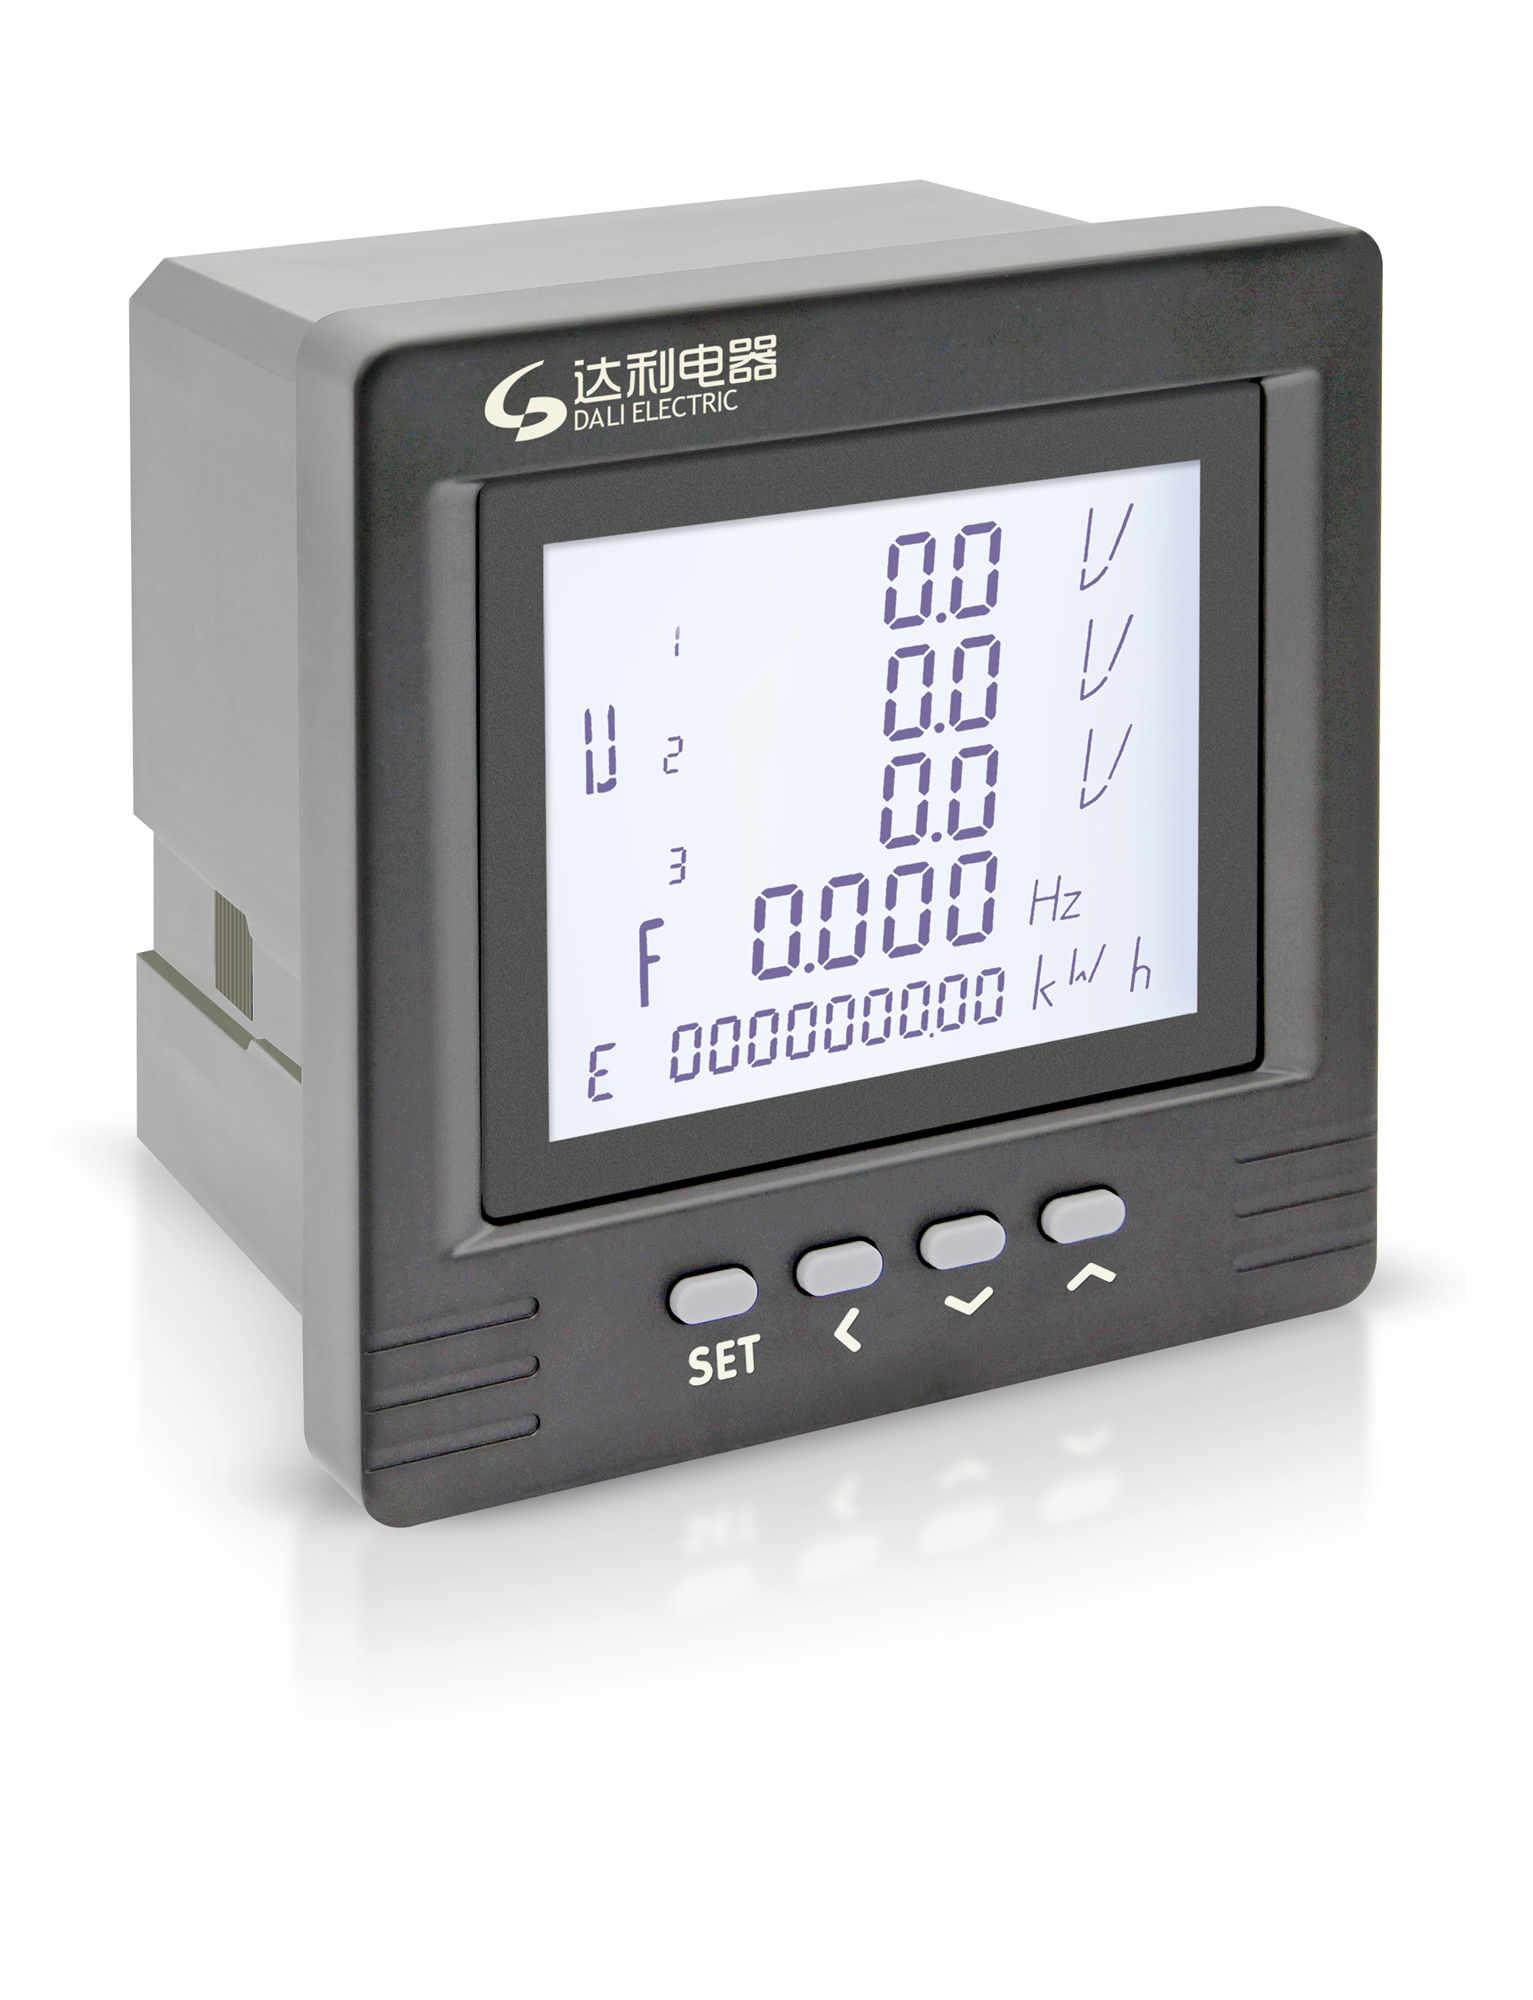 昆明HR-R-C403 智能单回路数字显示控制仪多图